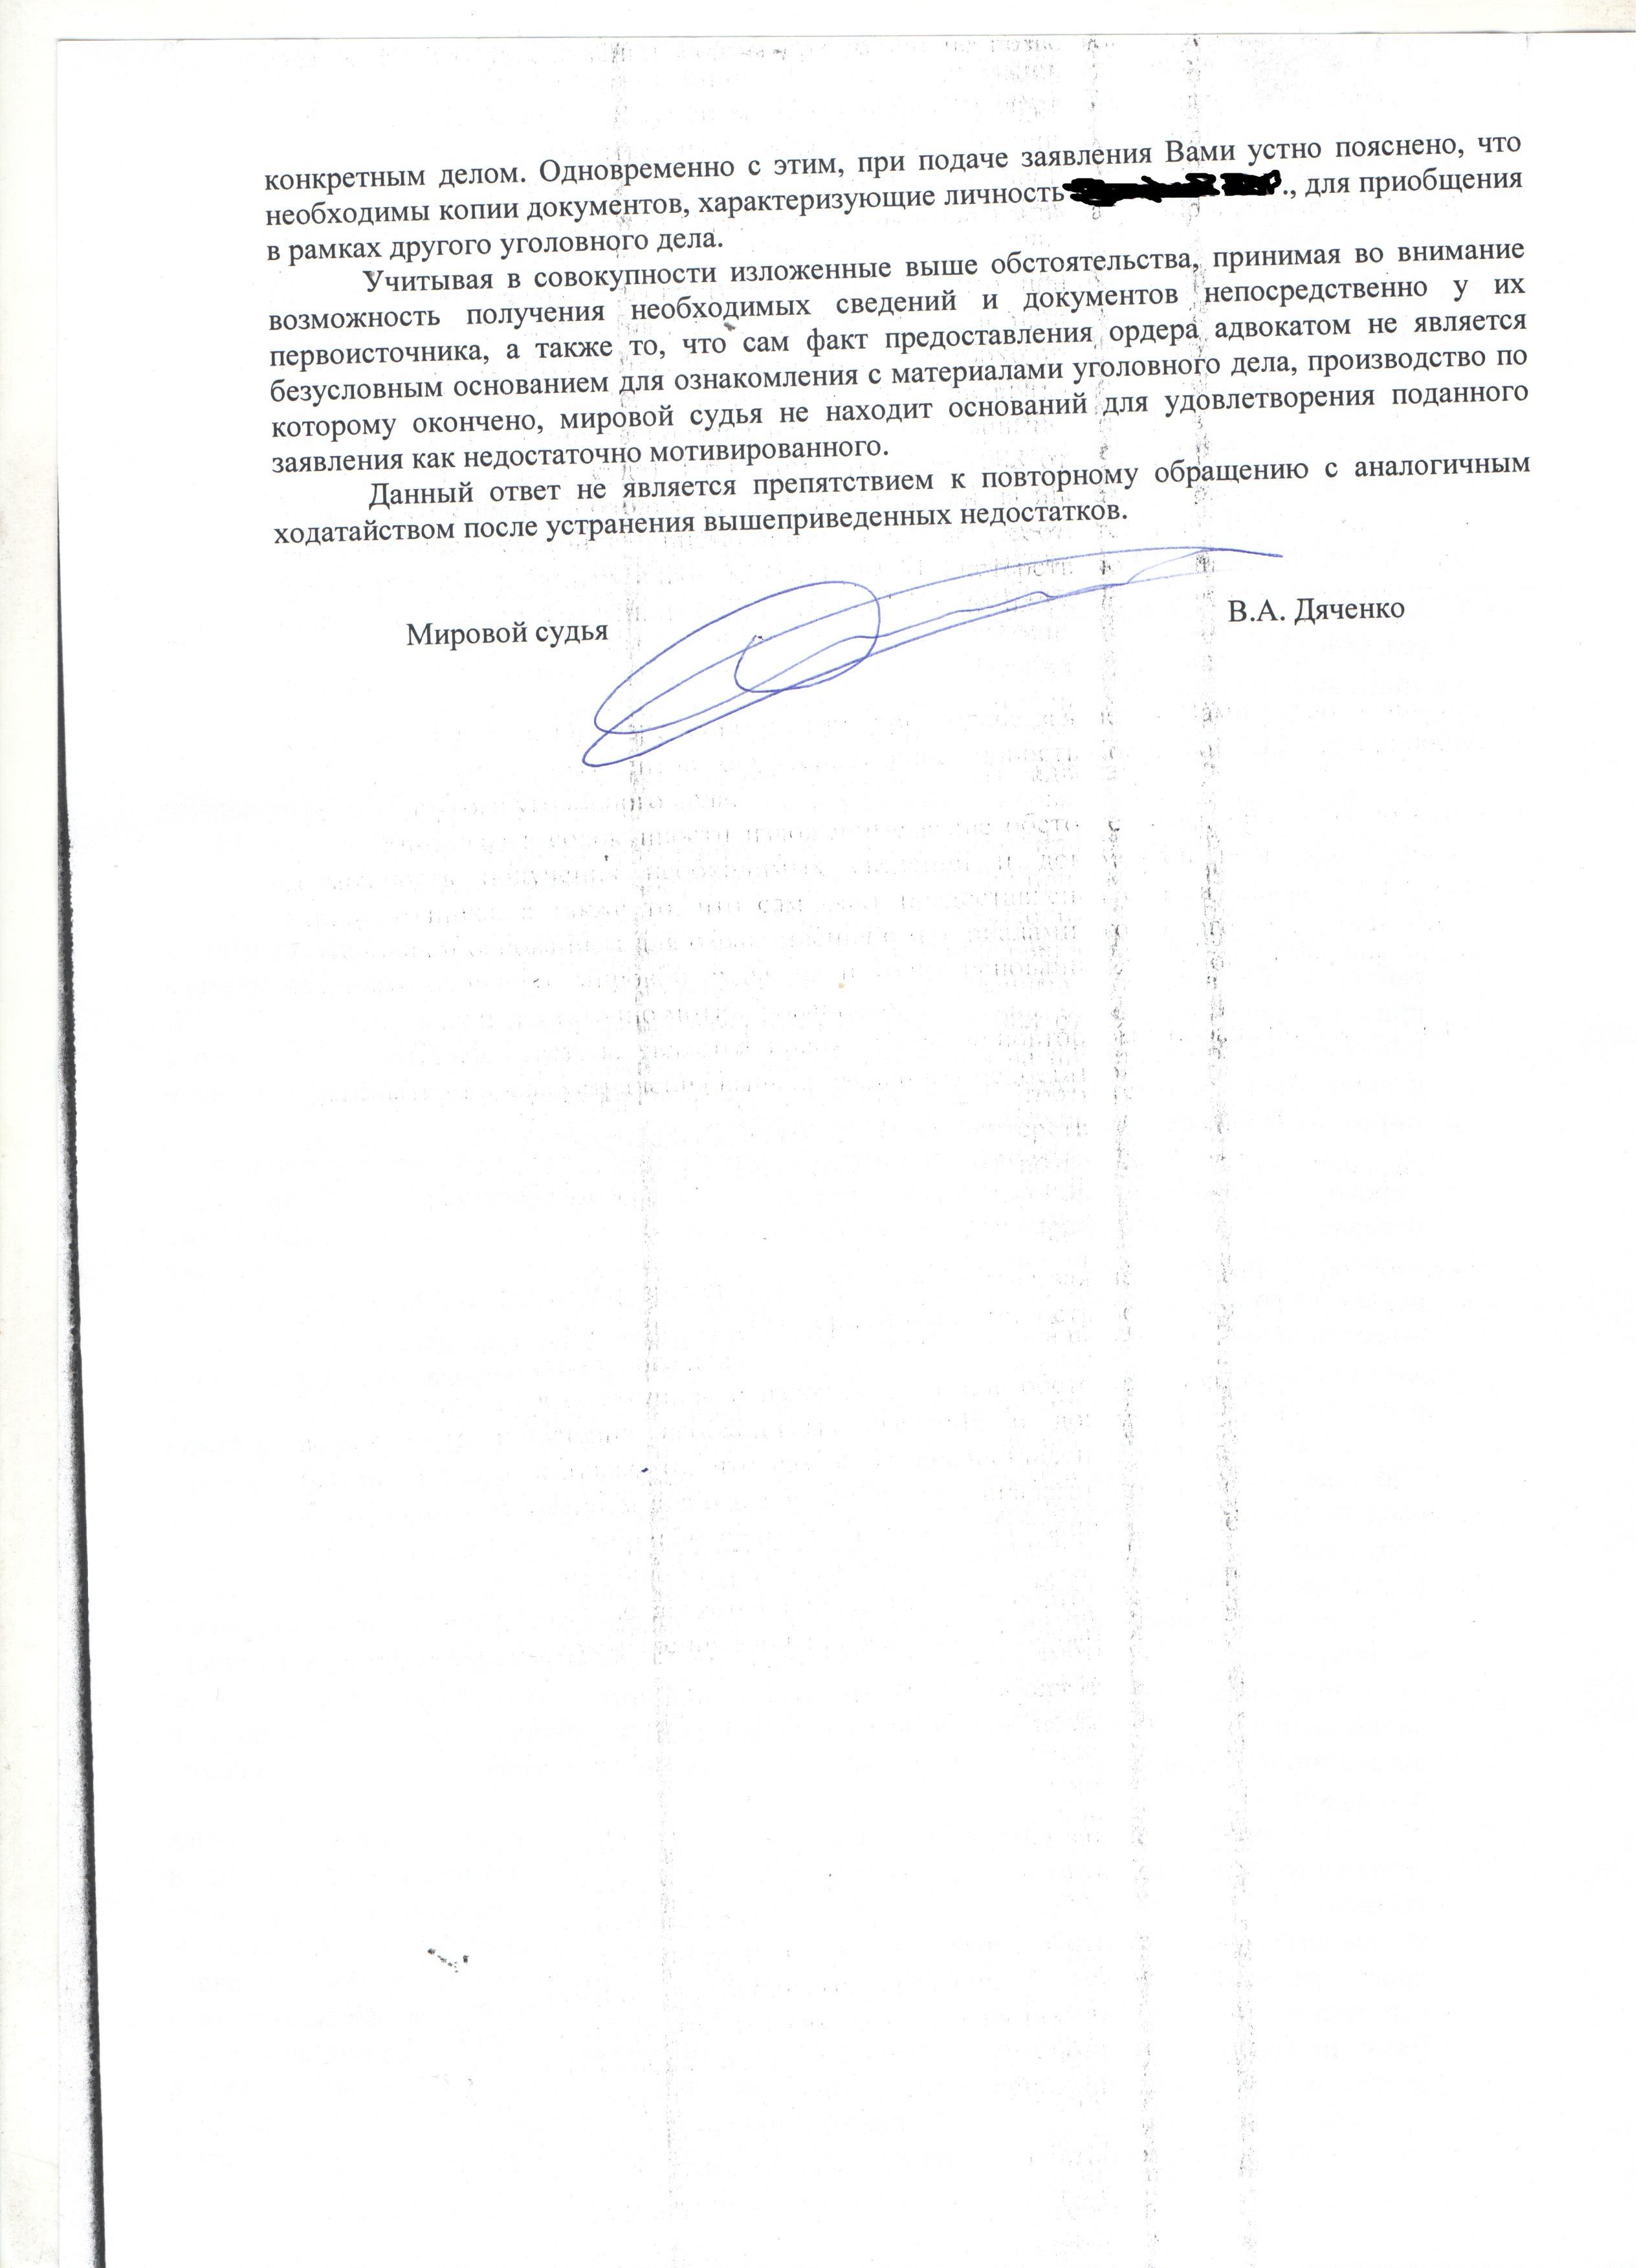 Письмо мирового судьи 41 судебного участка Промышленного судебного района г. Самары